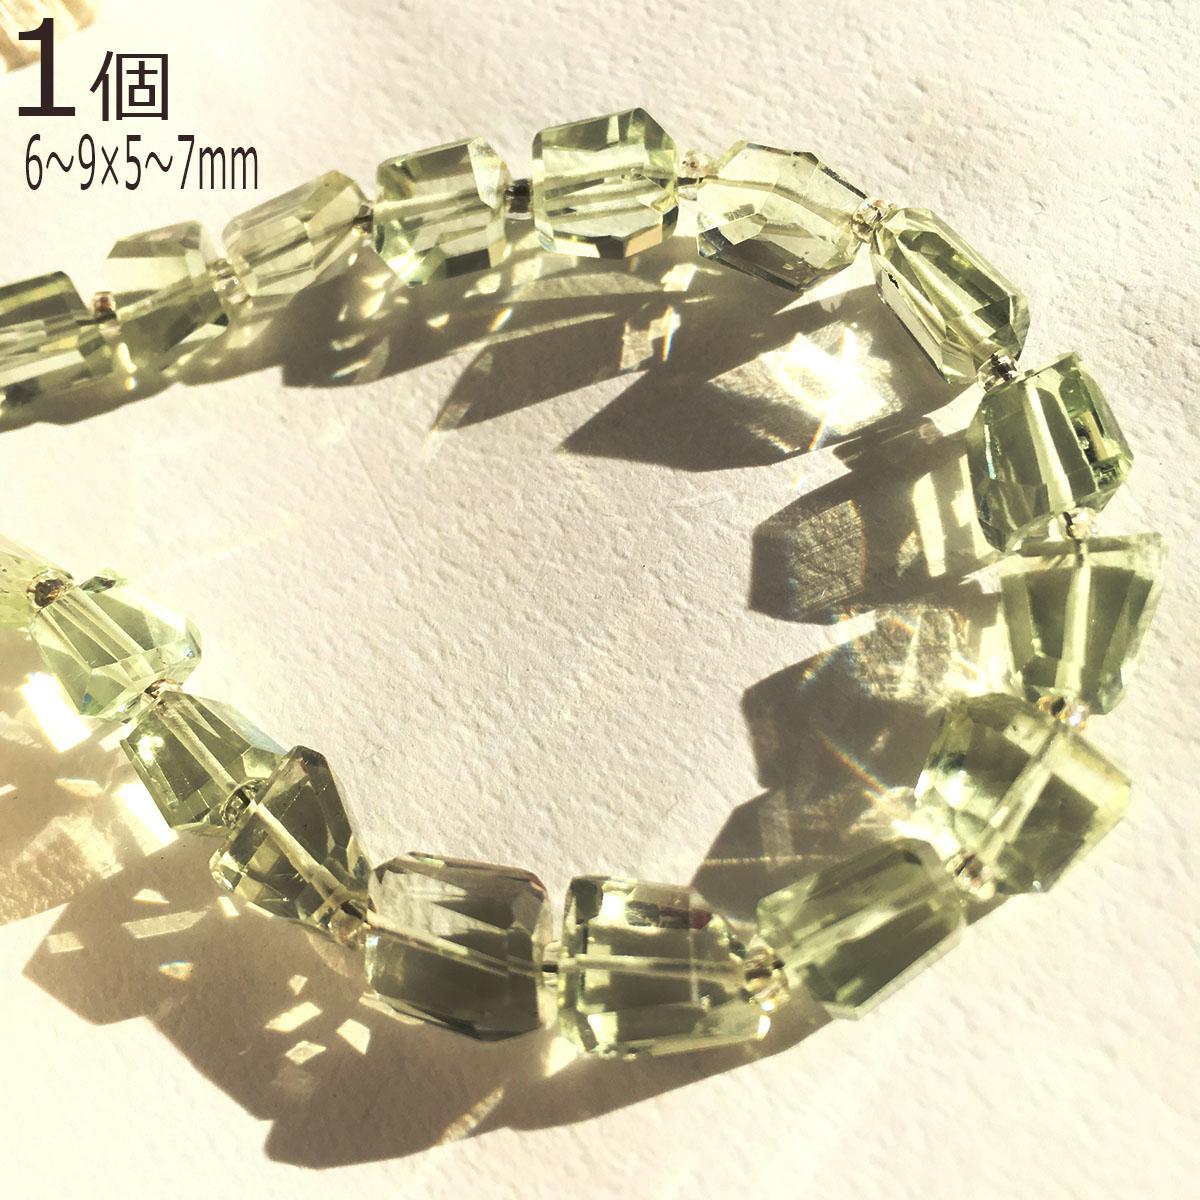 透明感のある宝石質グリーンアメジスト 個性的なランダムカット 『グリーンアメジストタンブルカット』1個6~9×5~7mm 宝石質 グリーン アメジスト 透明感 ビーズ 粒売り ランダム 不規則 ハンドメイドアクセサリー 手作り パワーストーン ハンドメイドパーツ 天然石 パーツ アクセサリーパーツ 素材 材料